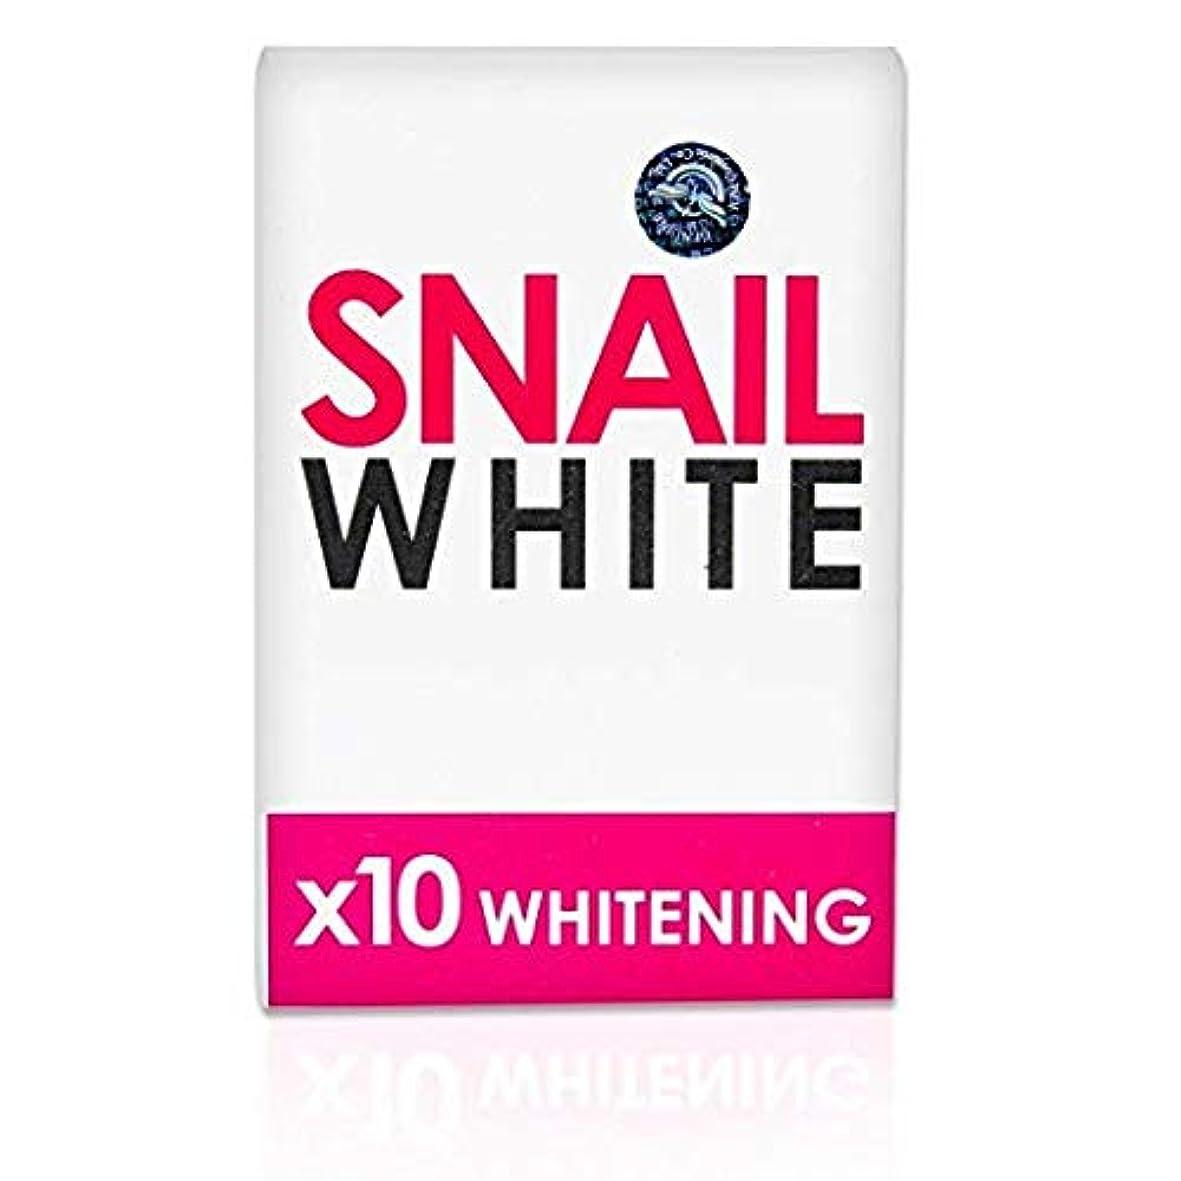 解放後継歪めるスネイルホワイト Gluta Snail White x10 Whitening by Dream ホワイトニング 固形石鹸 2個